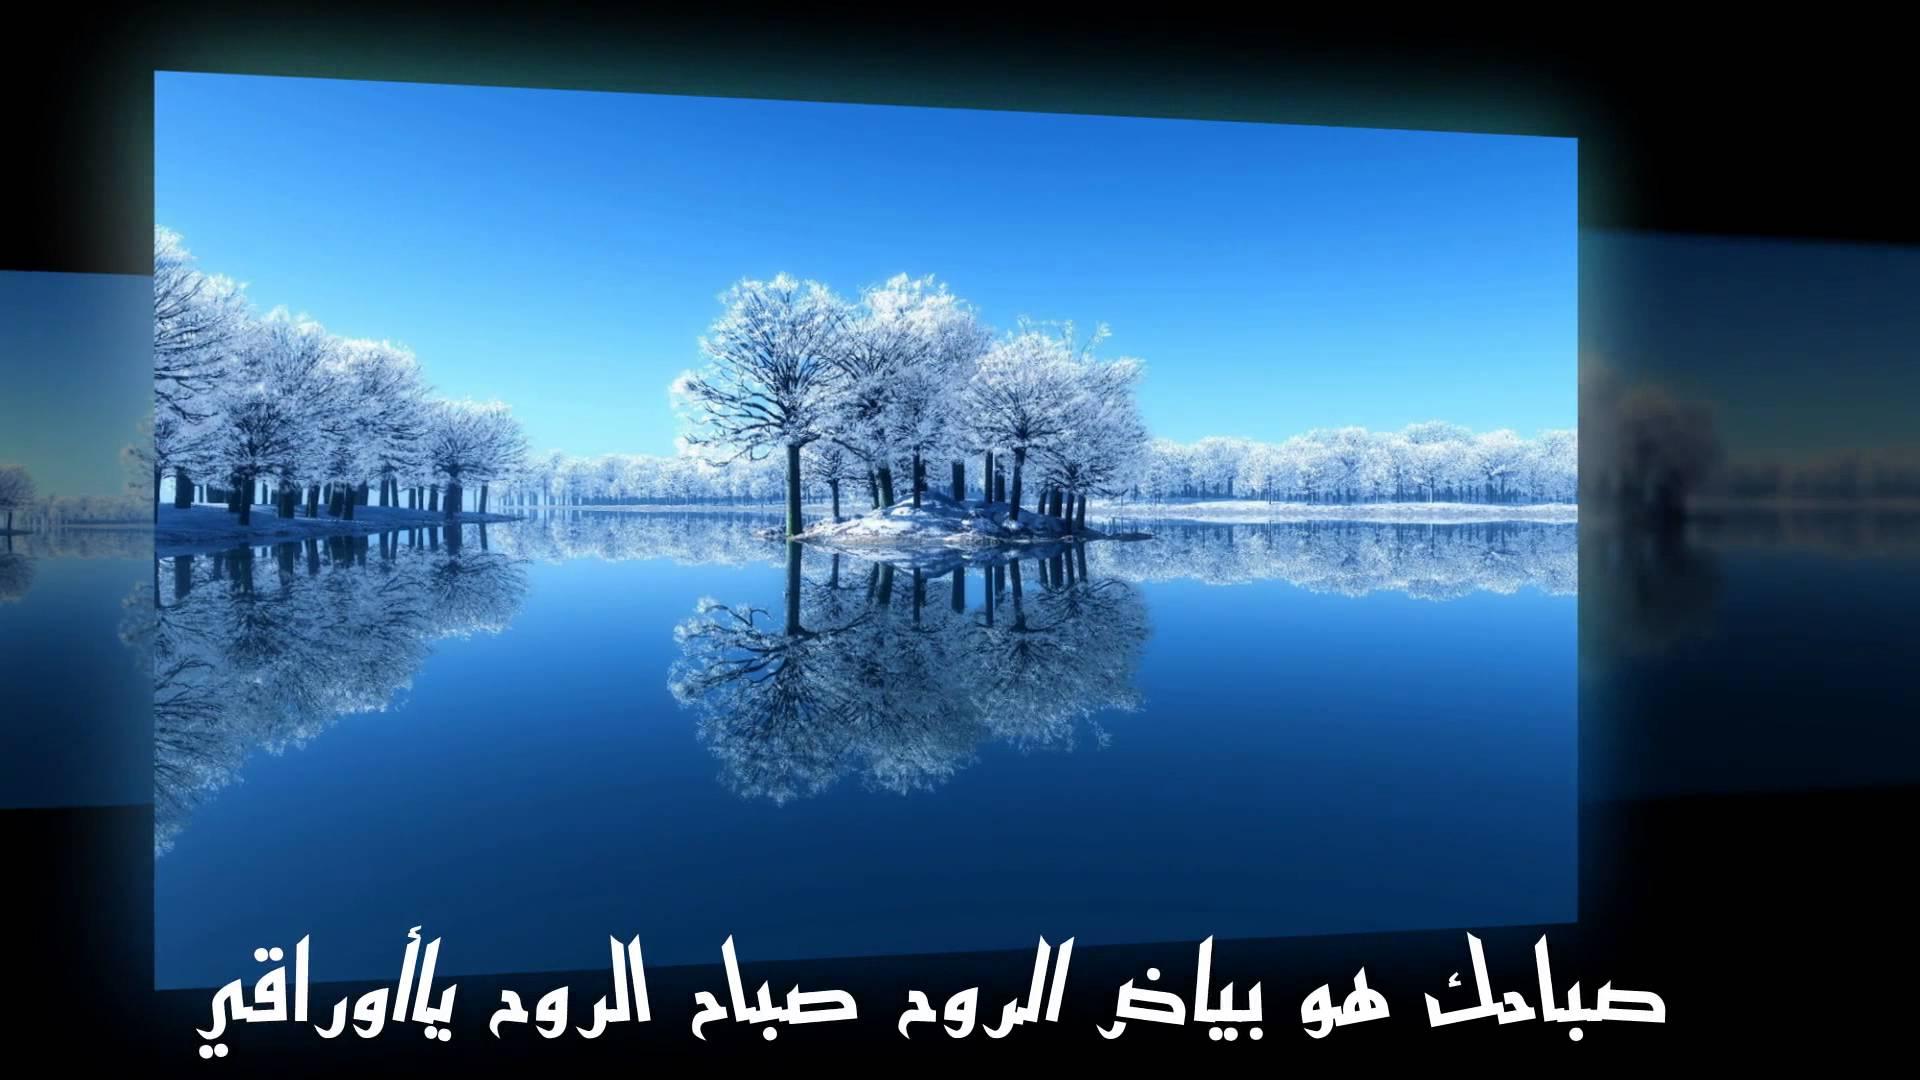 بالصور صباح الخير وكل الخير , صباحك نور وهنا وسرور 4885 4